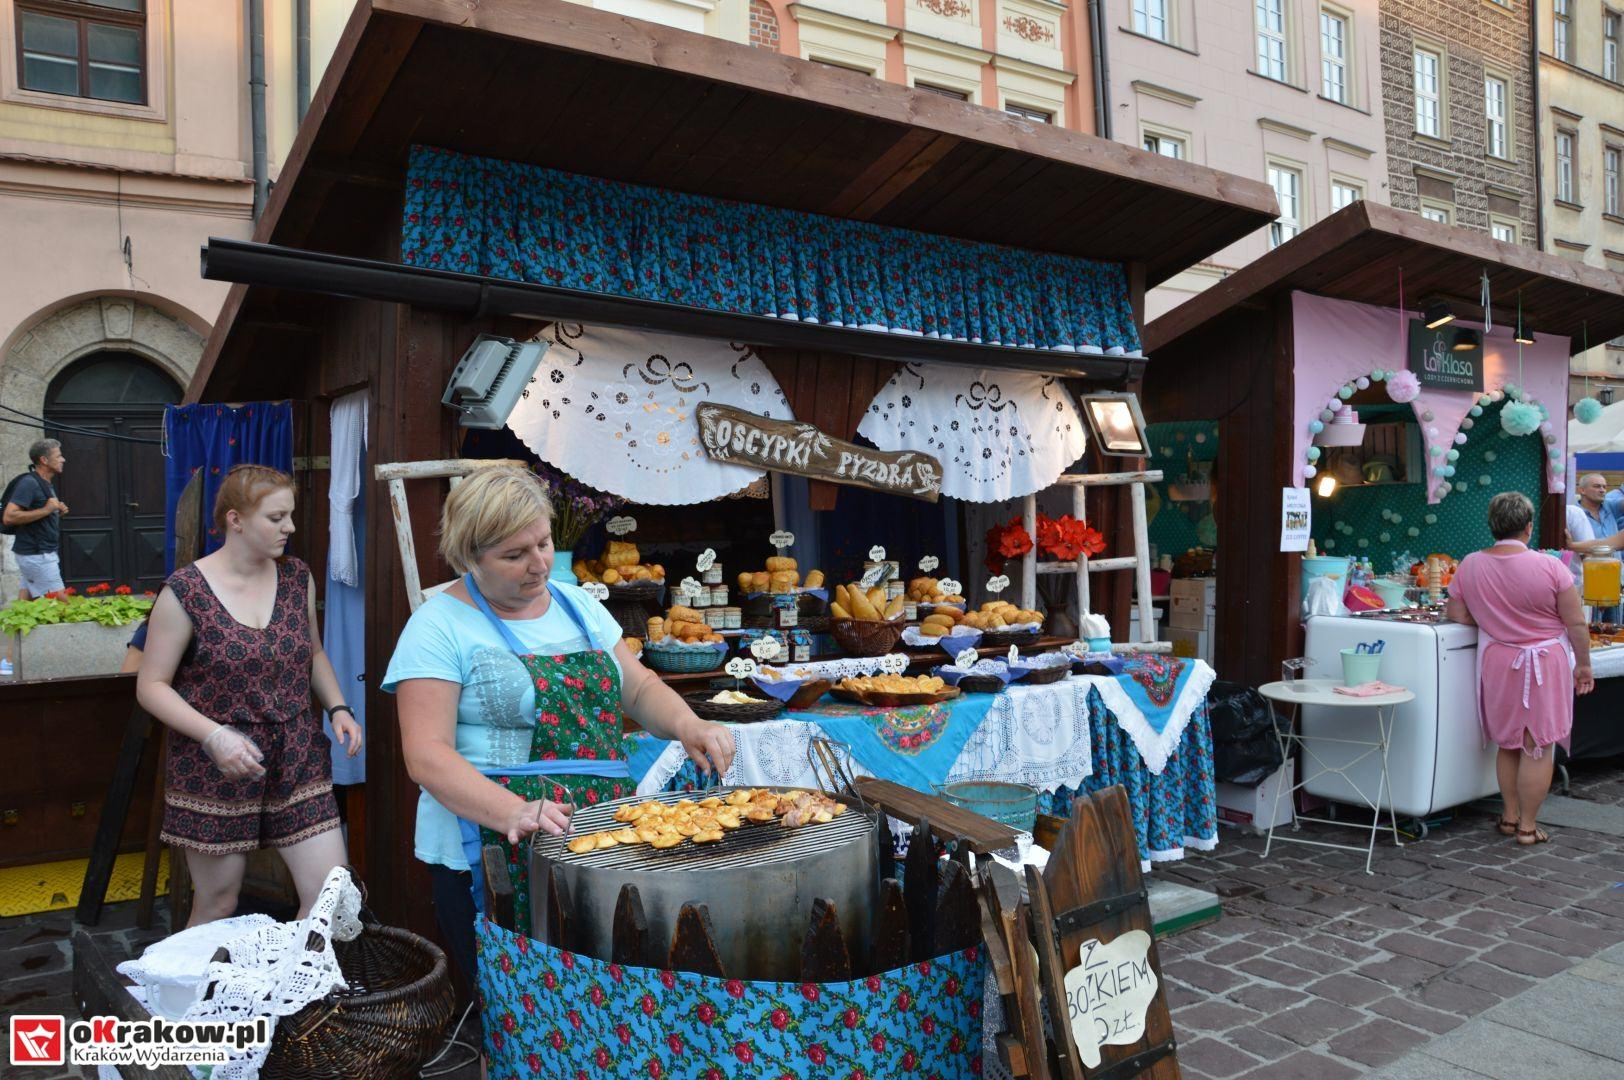 krakow festiwal pierogow maly rynek koncert cheap tobacco 47 150x150 - Galeria zdjęć Festiwal Pierogów Kraków 2018 + zdjęcia z koncertu Cheap Tobacco